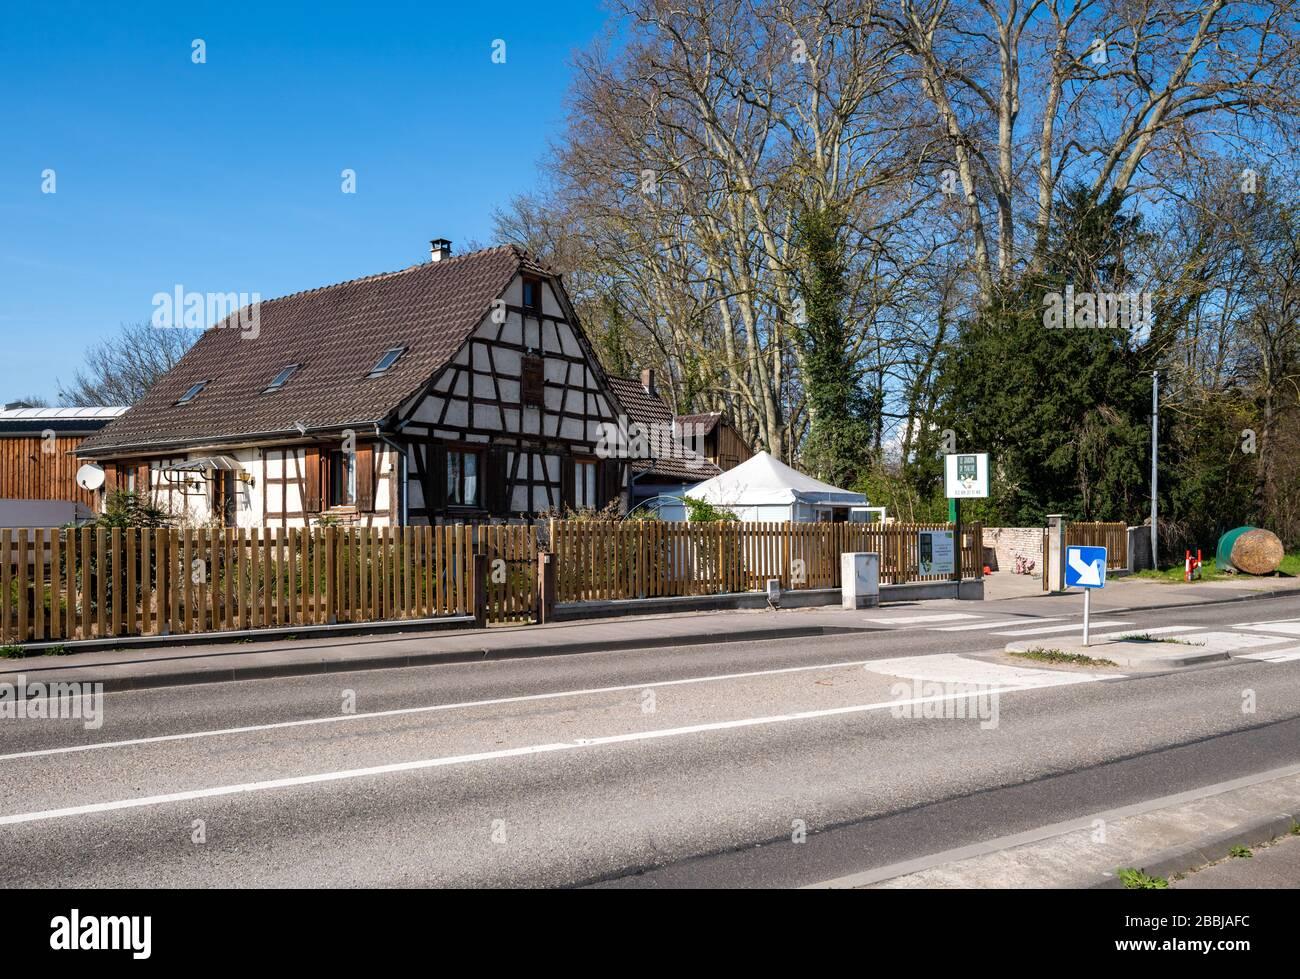 Estrasburgo, Francia - 18 de marzo de 2020: Jardín de Marthe bio tienda de agricultores fachada con calle vacía debido al brote de coronavirus Foto de stock